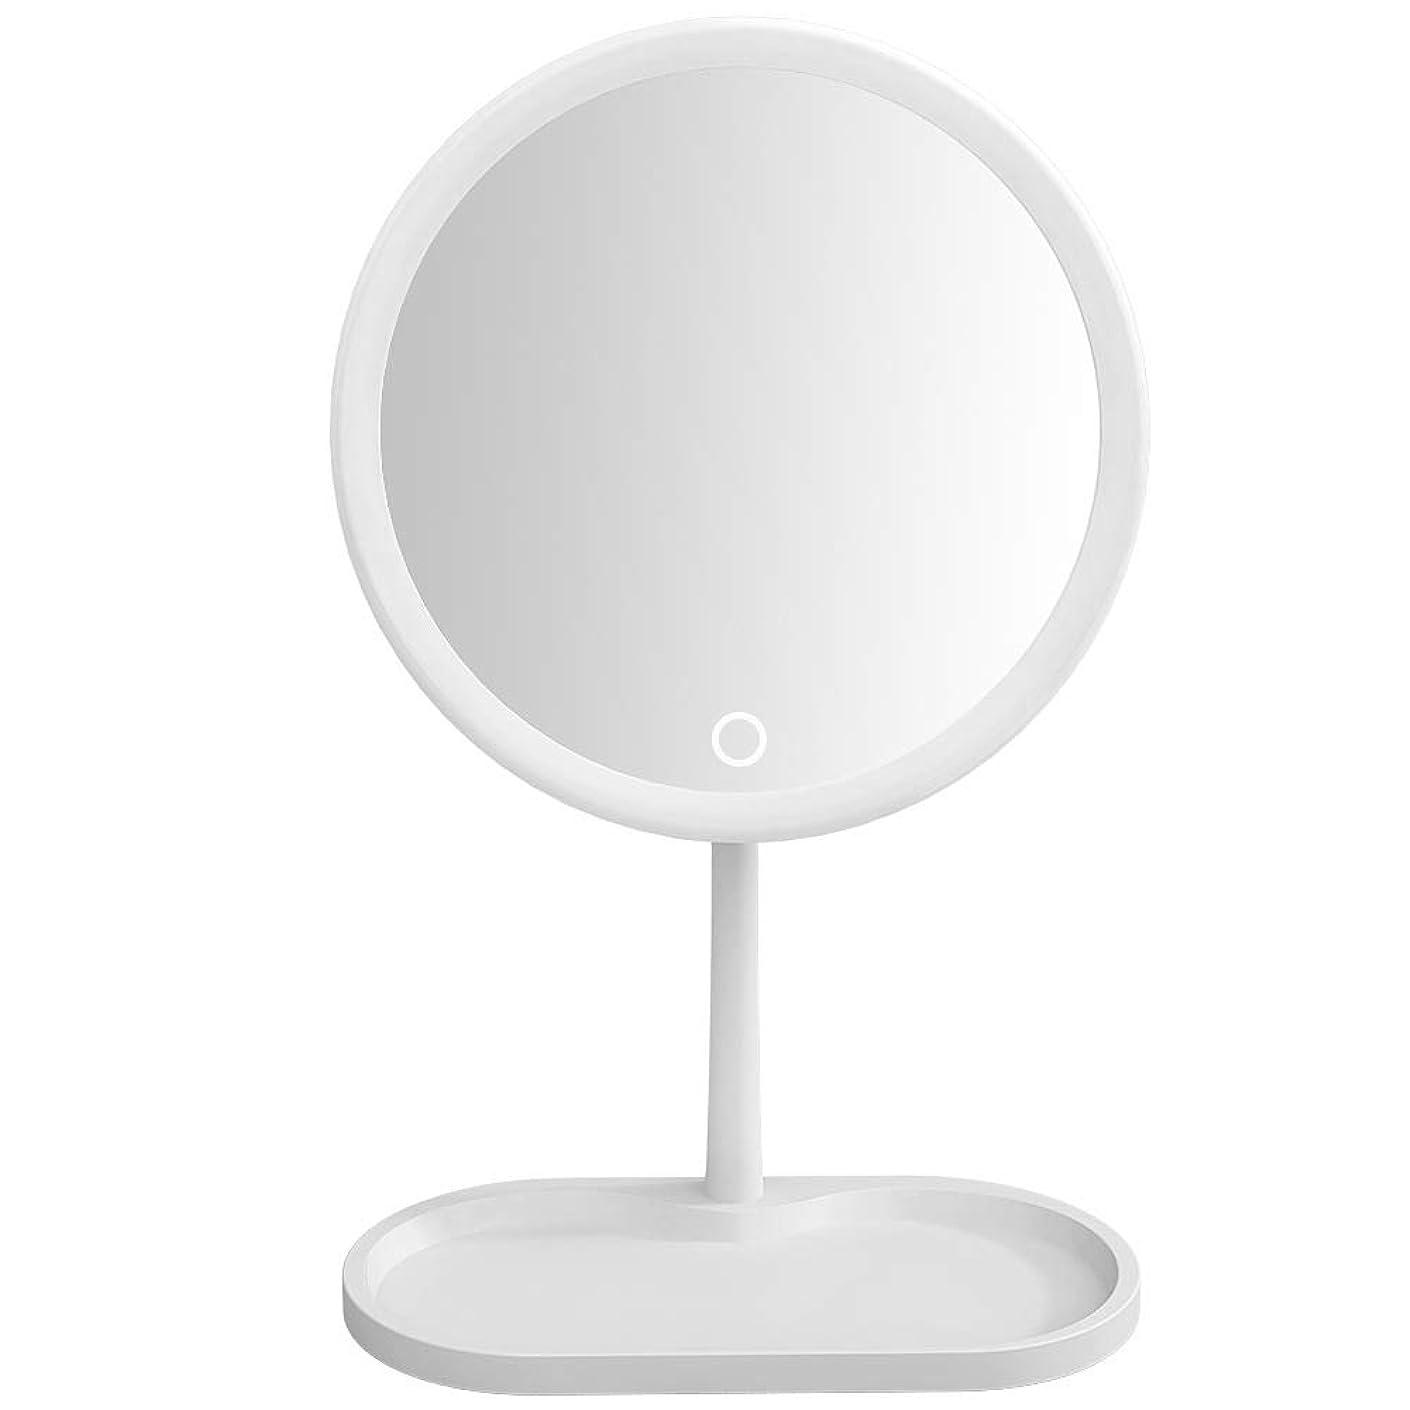 交渉するコーンウォール枯渇充電式 化粧鏡 LEDライトが付いて誘導発光倍率ミラーパワーサプライモードメイクアップミラー旅行化粧鏡バニティミラー(ピンク、ホワイト) 寒暖色調節可能 化粧鏡 (色 : 白, サイズ : 21x17x31.5cm)